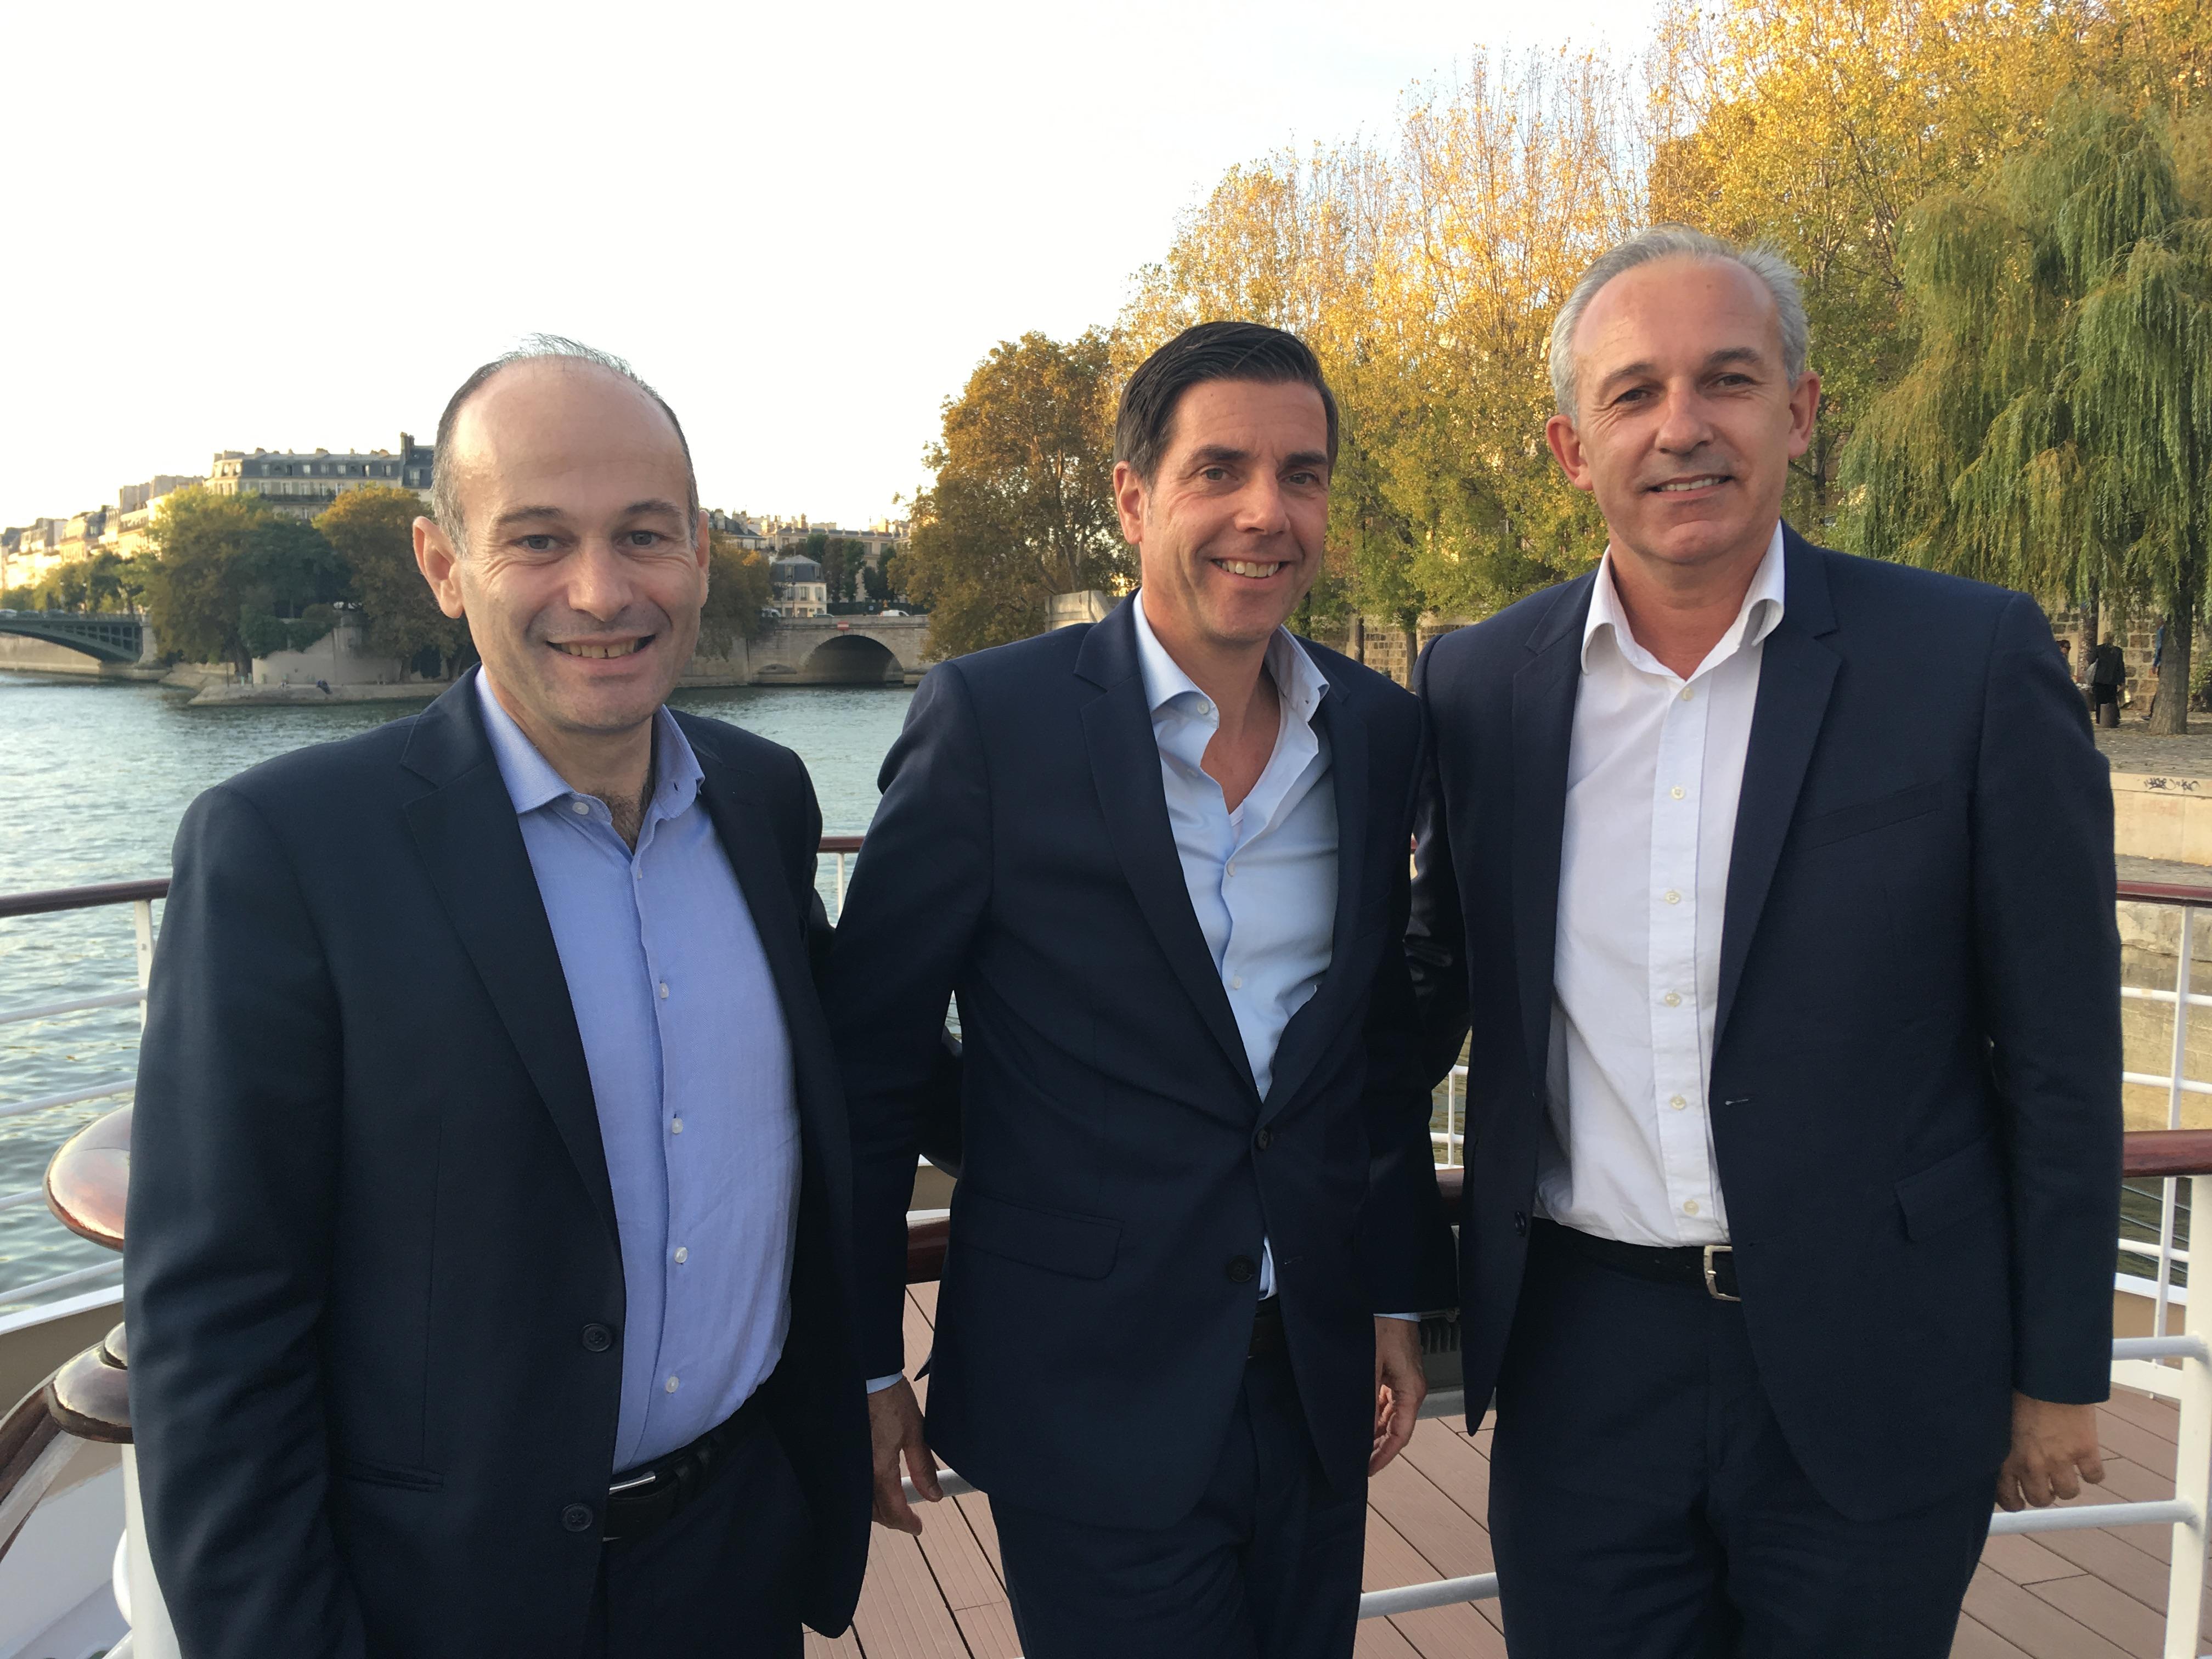 Au centre, Frank Wöller, directeur Retail Travel Agents pour l'Europe Continentale, à droite, Patrice Vales et Stéphane d'Amécourt, directeurs régionaux du marché français - DR : CL